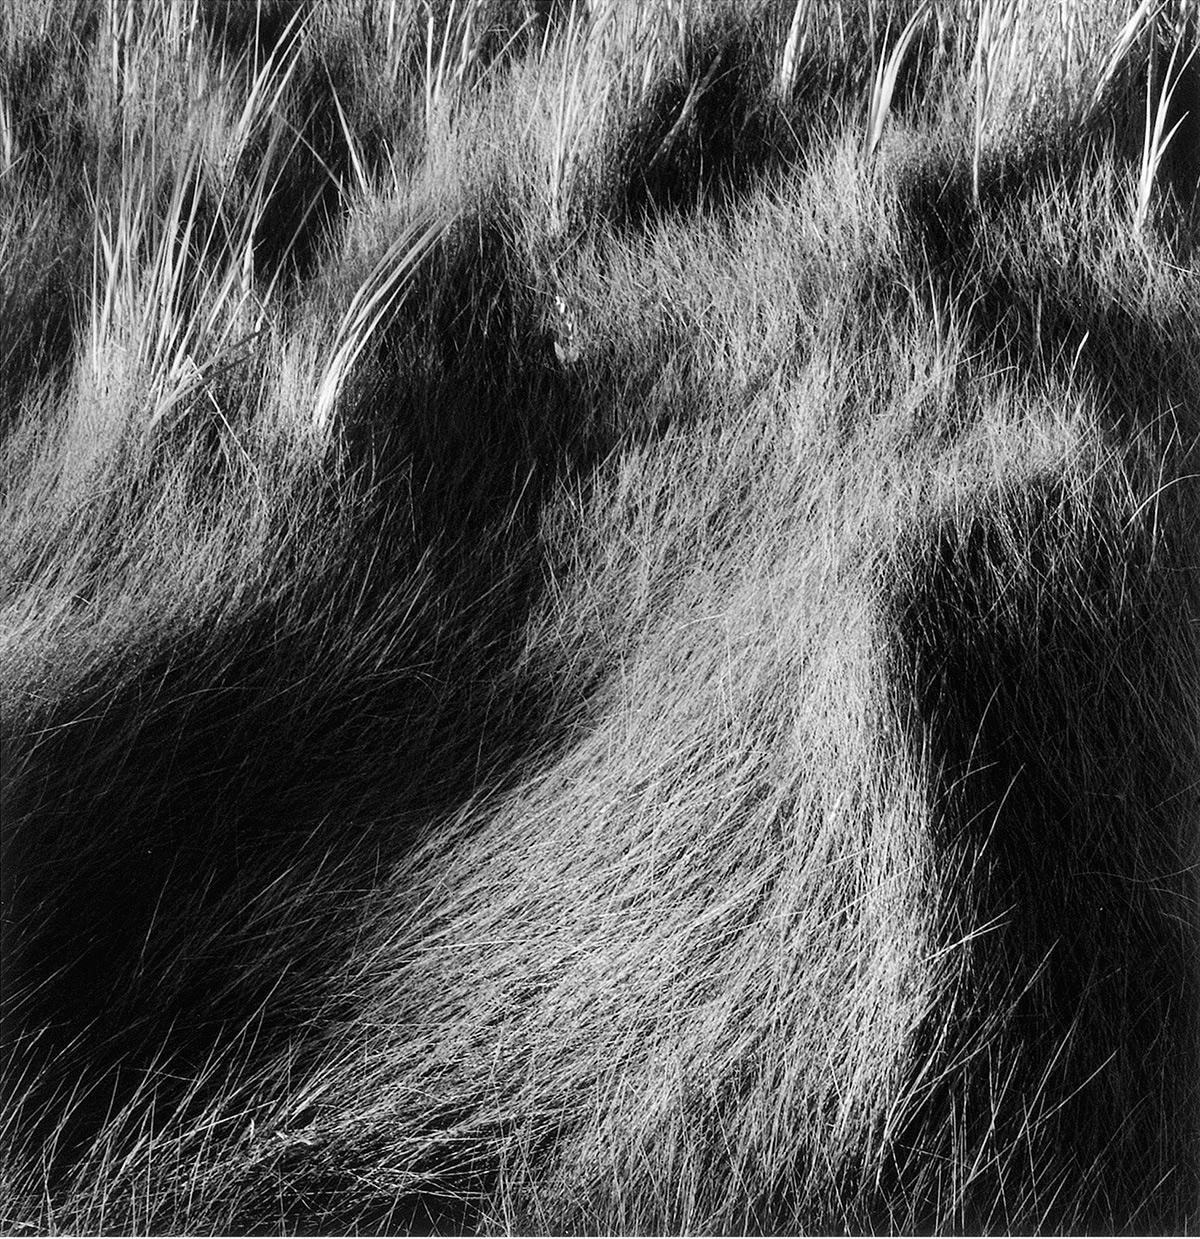 Salt Marsh Grass #31, 1999